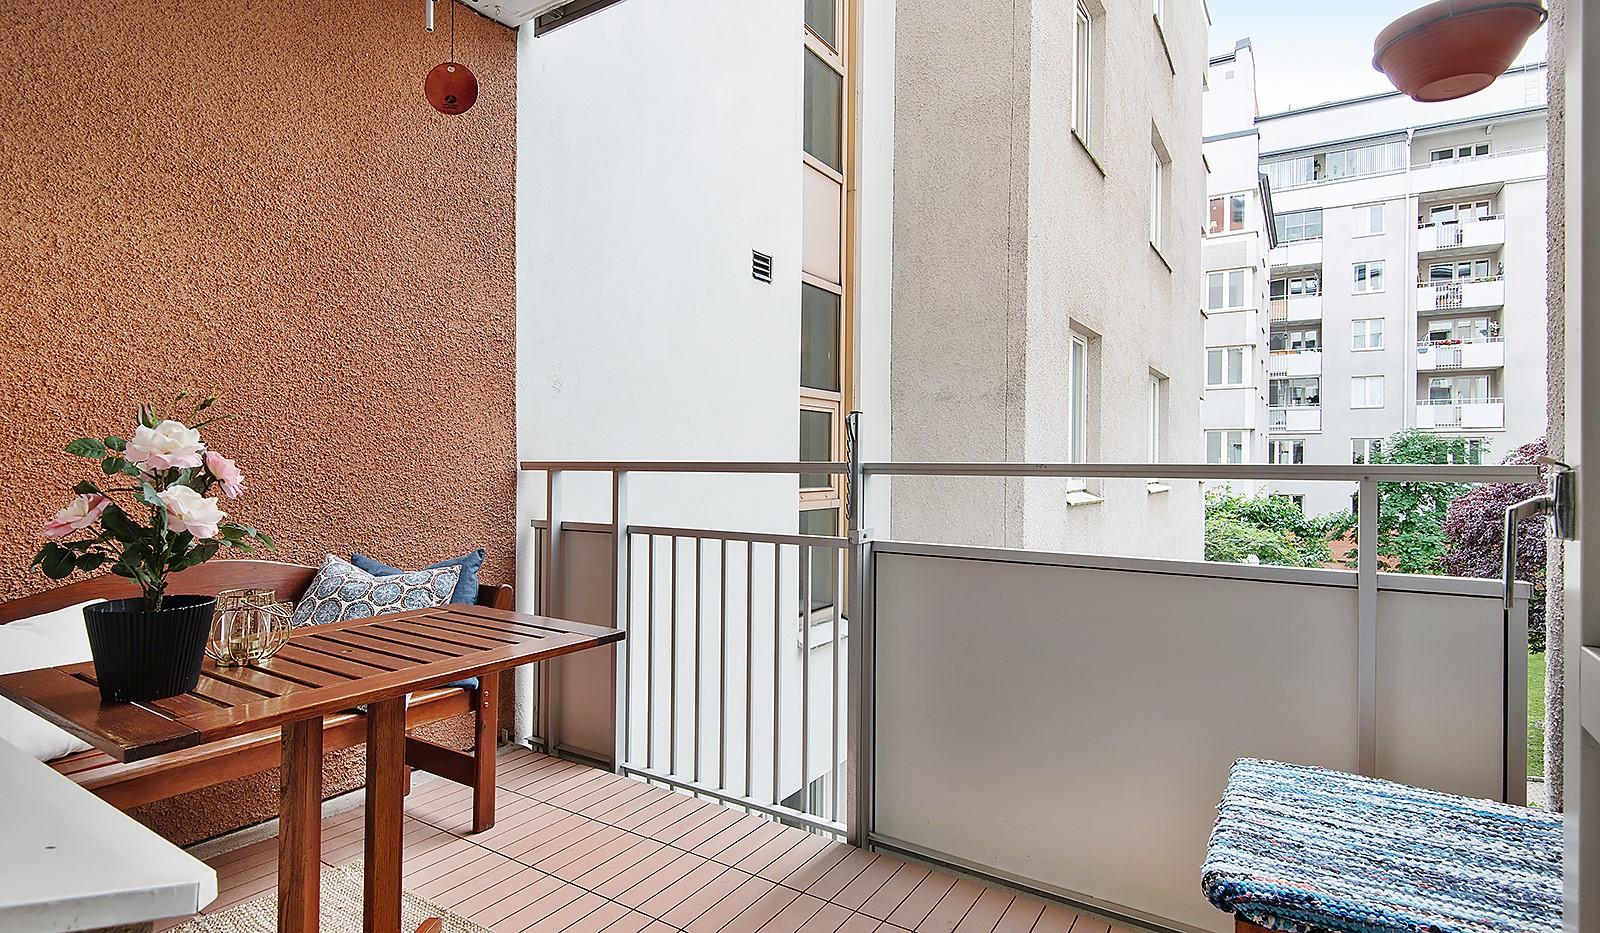 Fatburs Kvarngata 28 - Mysig balkong med viss kvällsol